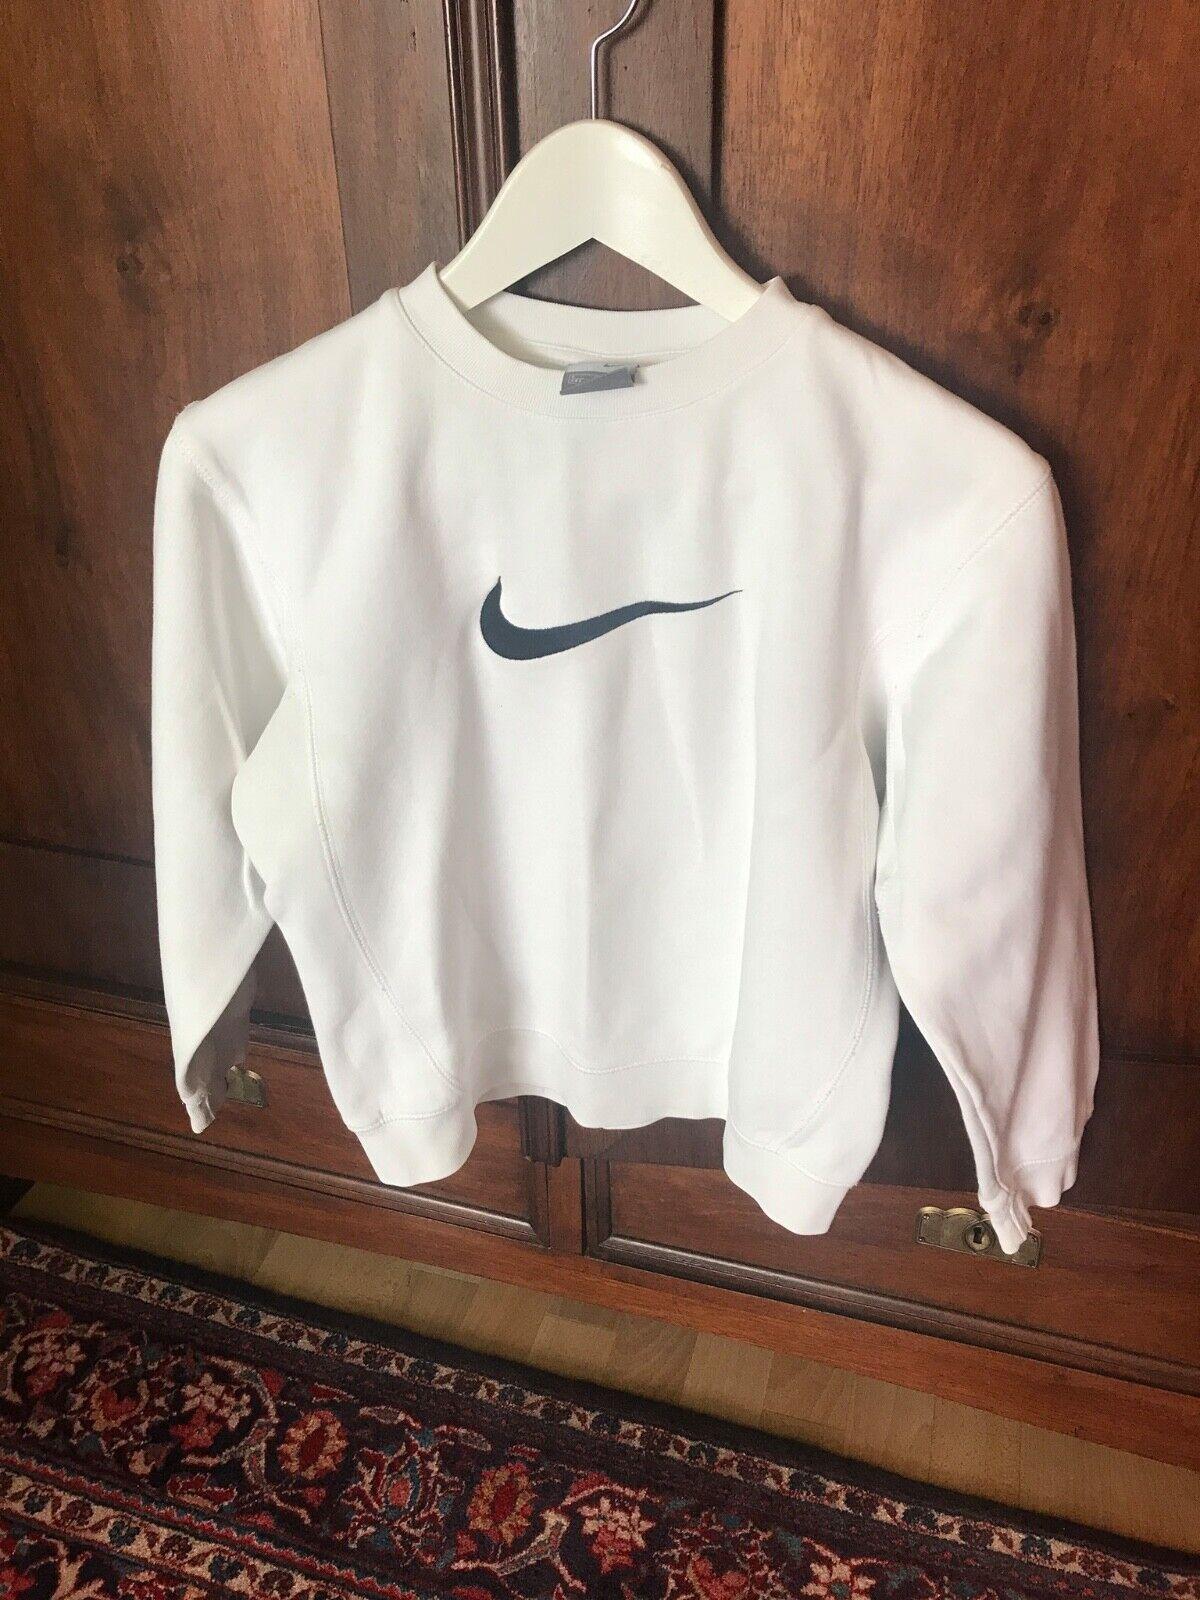 Sportpulli Nike Kinder Gr.128-140 weiß Top Zustand Baumwolle